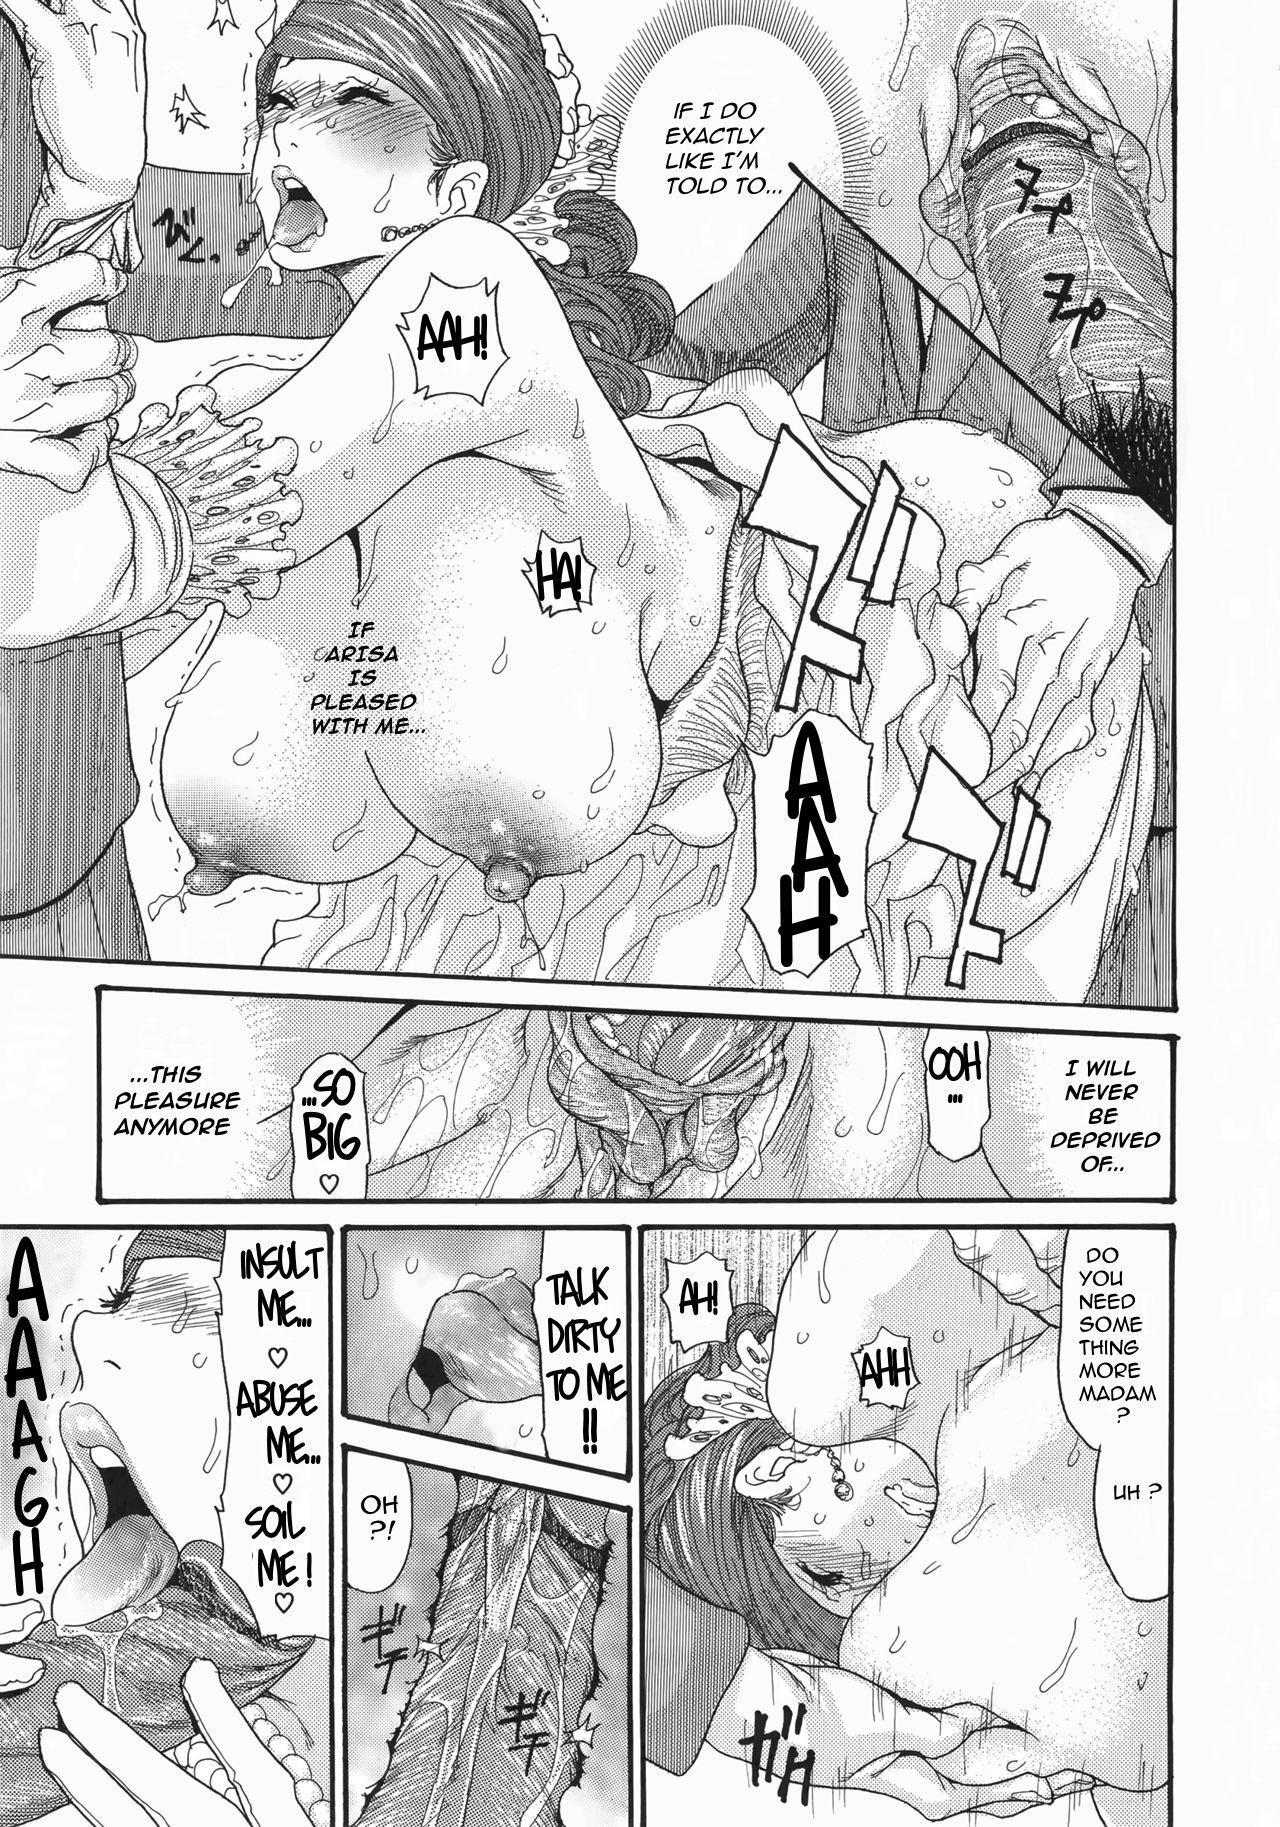 [Aoi Hitori, Izayoi Seishin, Yamasaki Masato] Metamorphose ~Celeb Zuma no Seien~ Ch. 1-8 [English][Decensored] [R-IC] 134